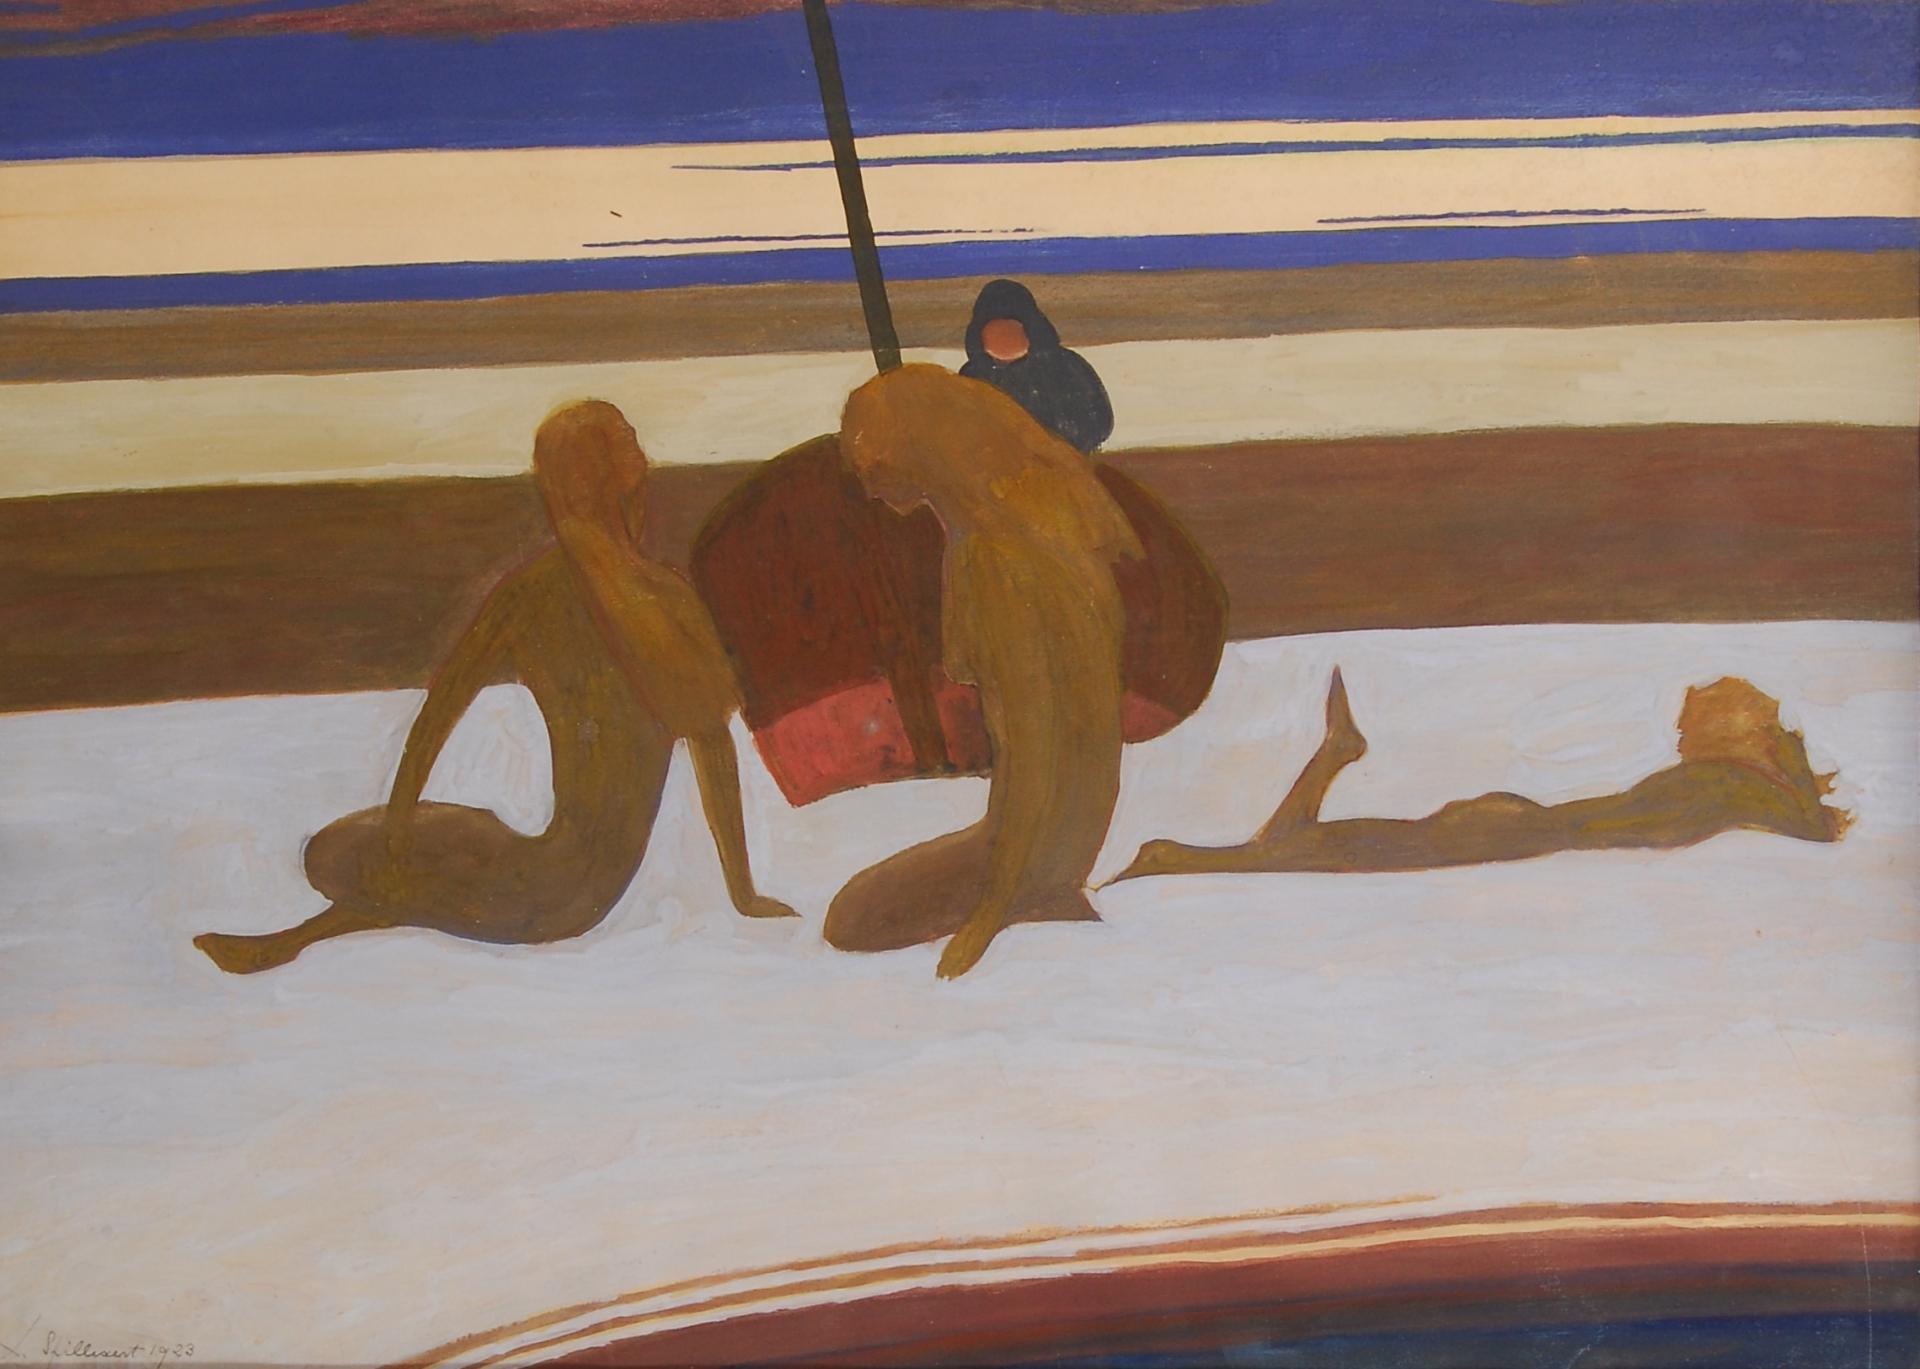 Baigneuses, barque et pêcheur sur la plage